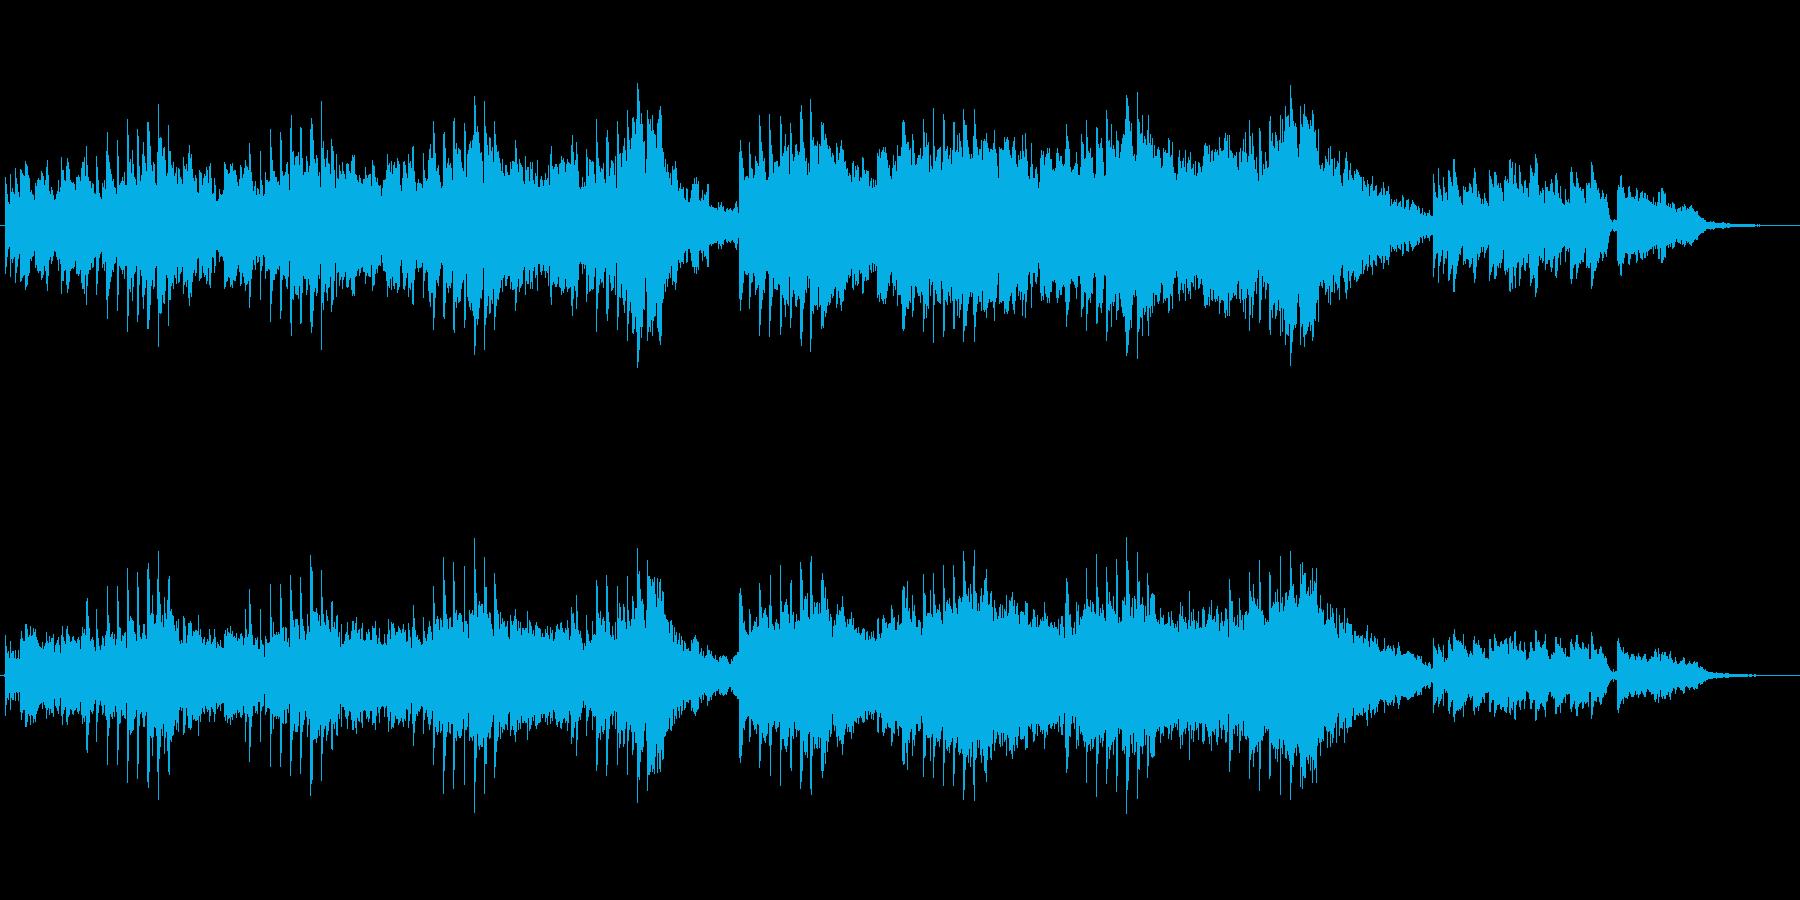 昔を思い出すノスタルジックなアンビエントの再生済みの波形